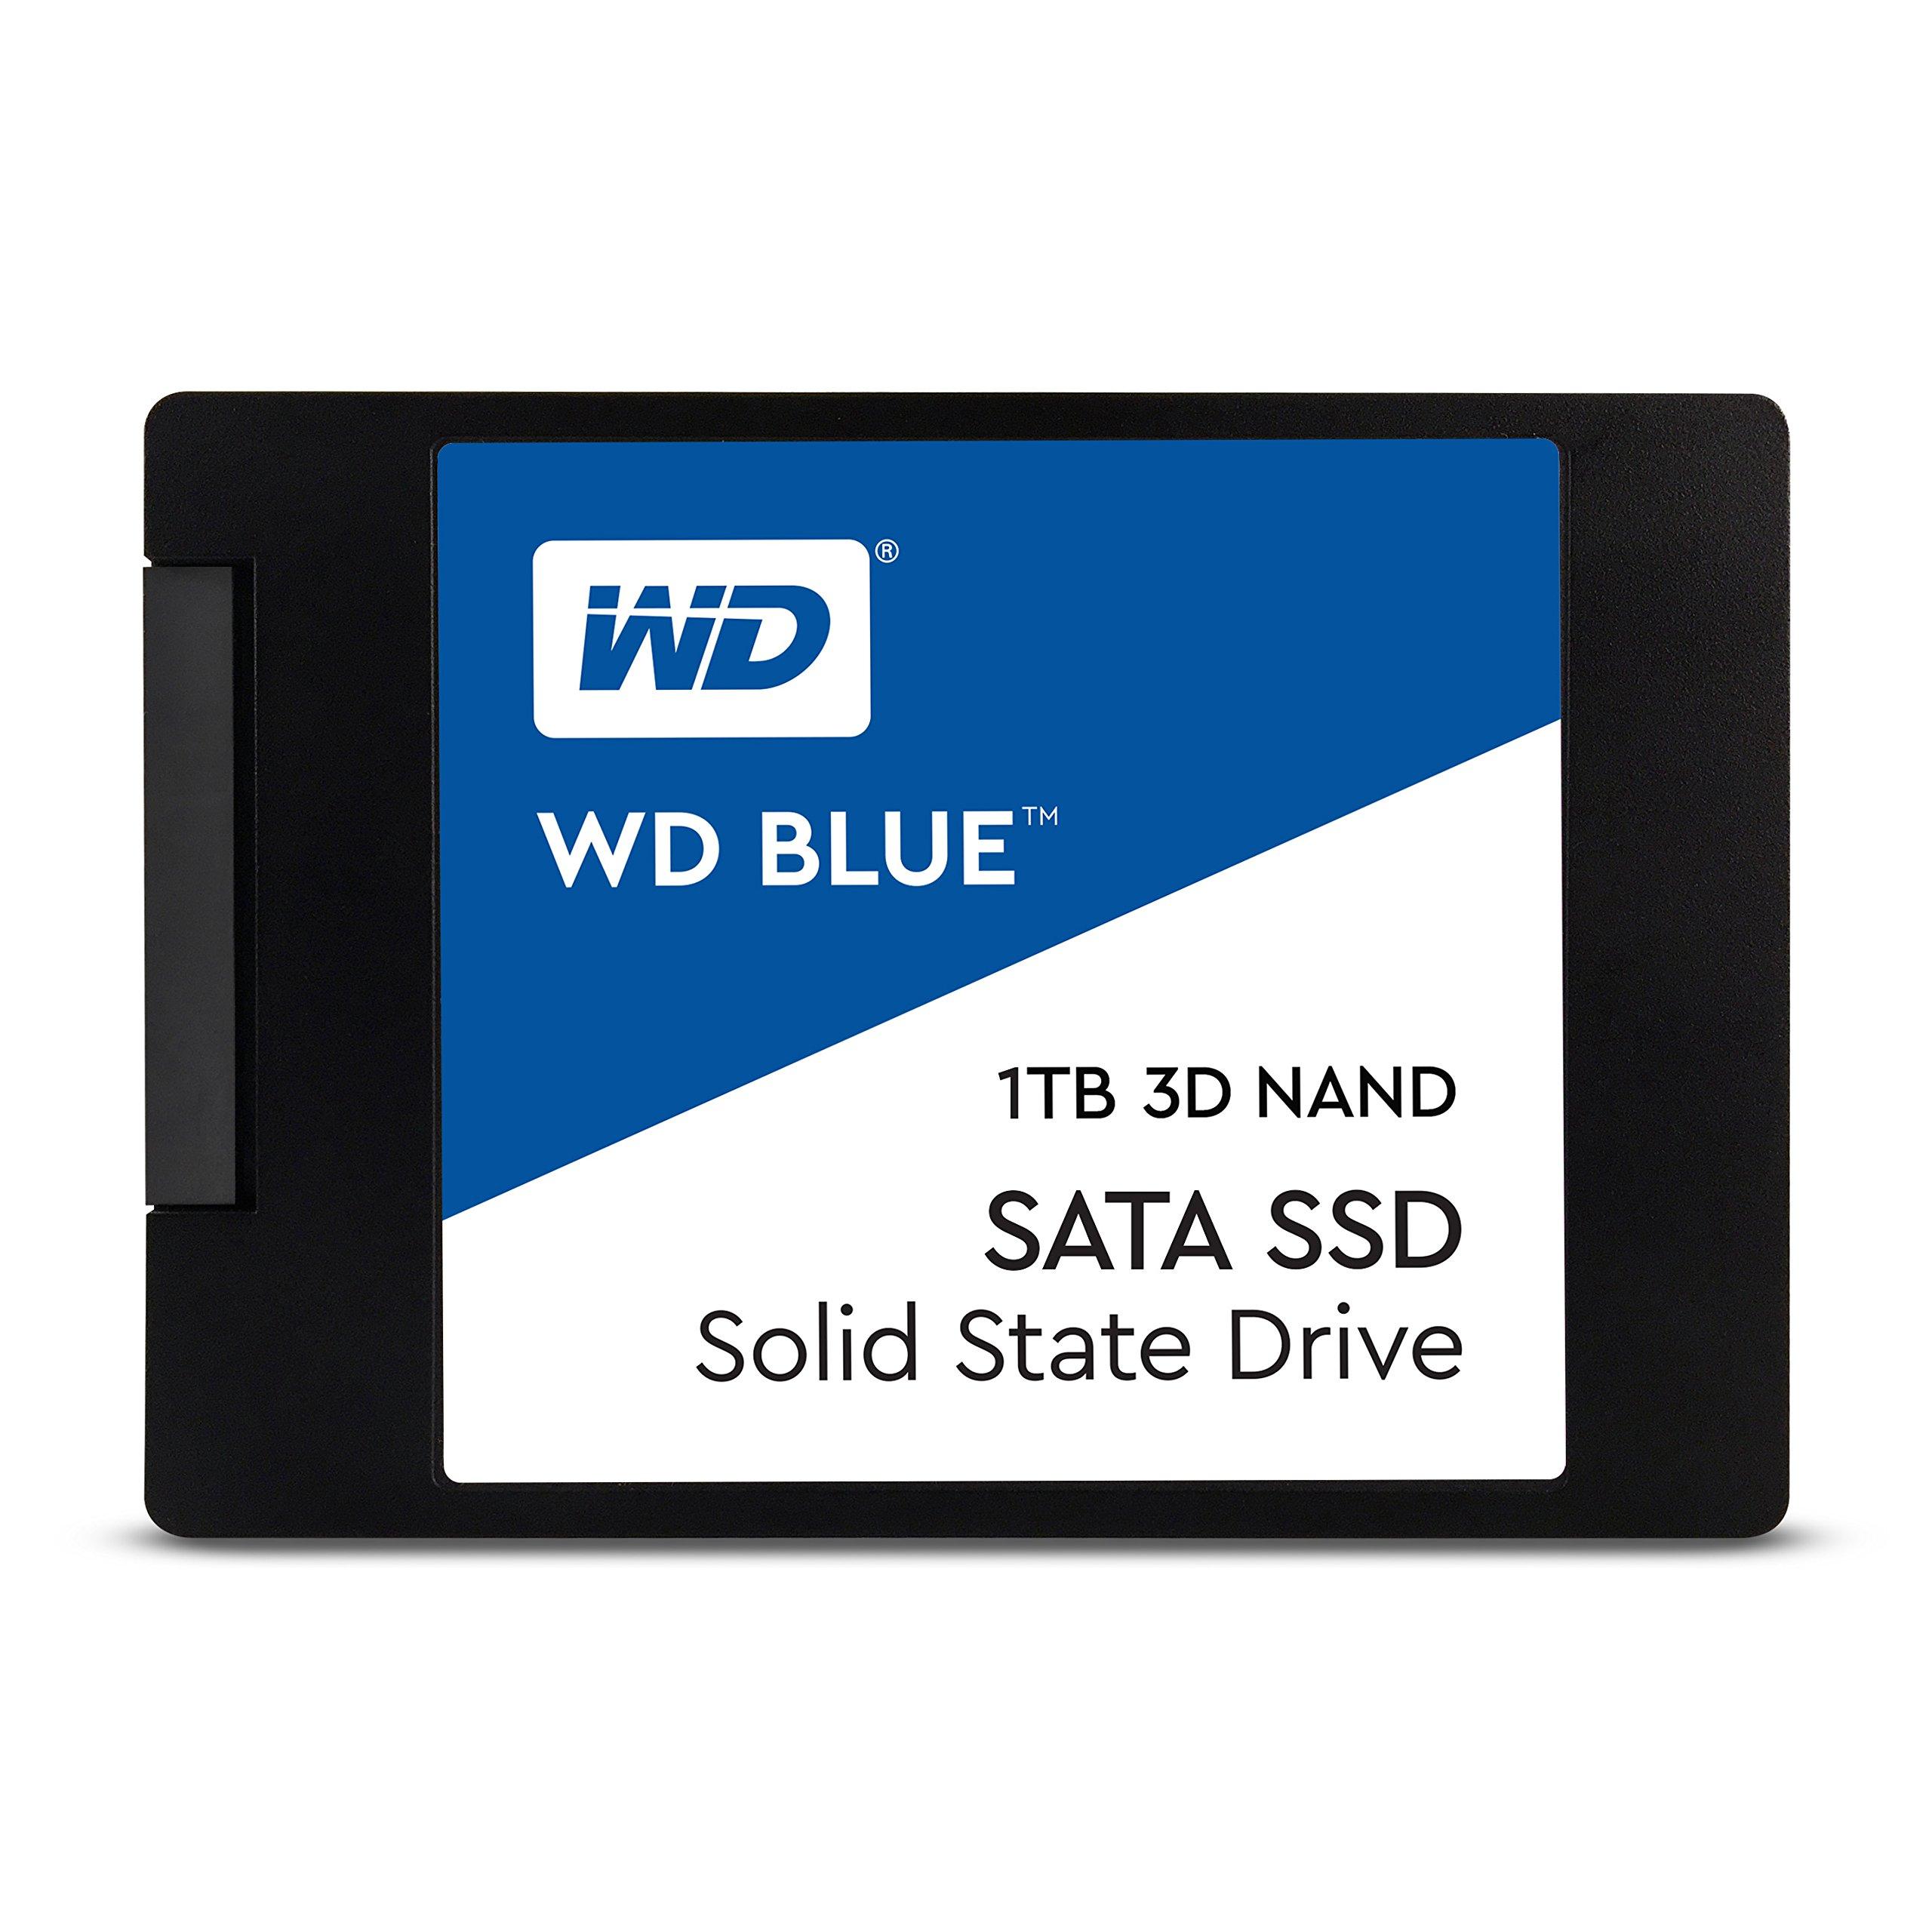 WD Blue 3D NAND 1TB PC SSD - SATA III 6 Gb/s 2.5''/7mm Solid State Drive - WDS100T2B0A